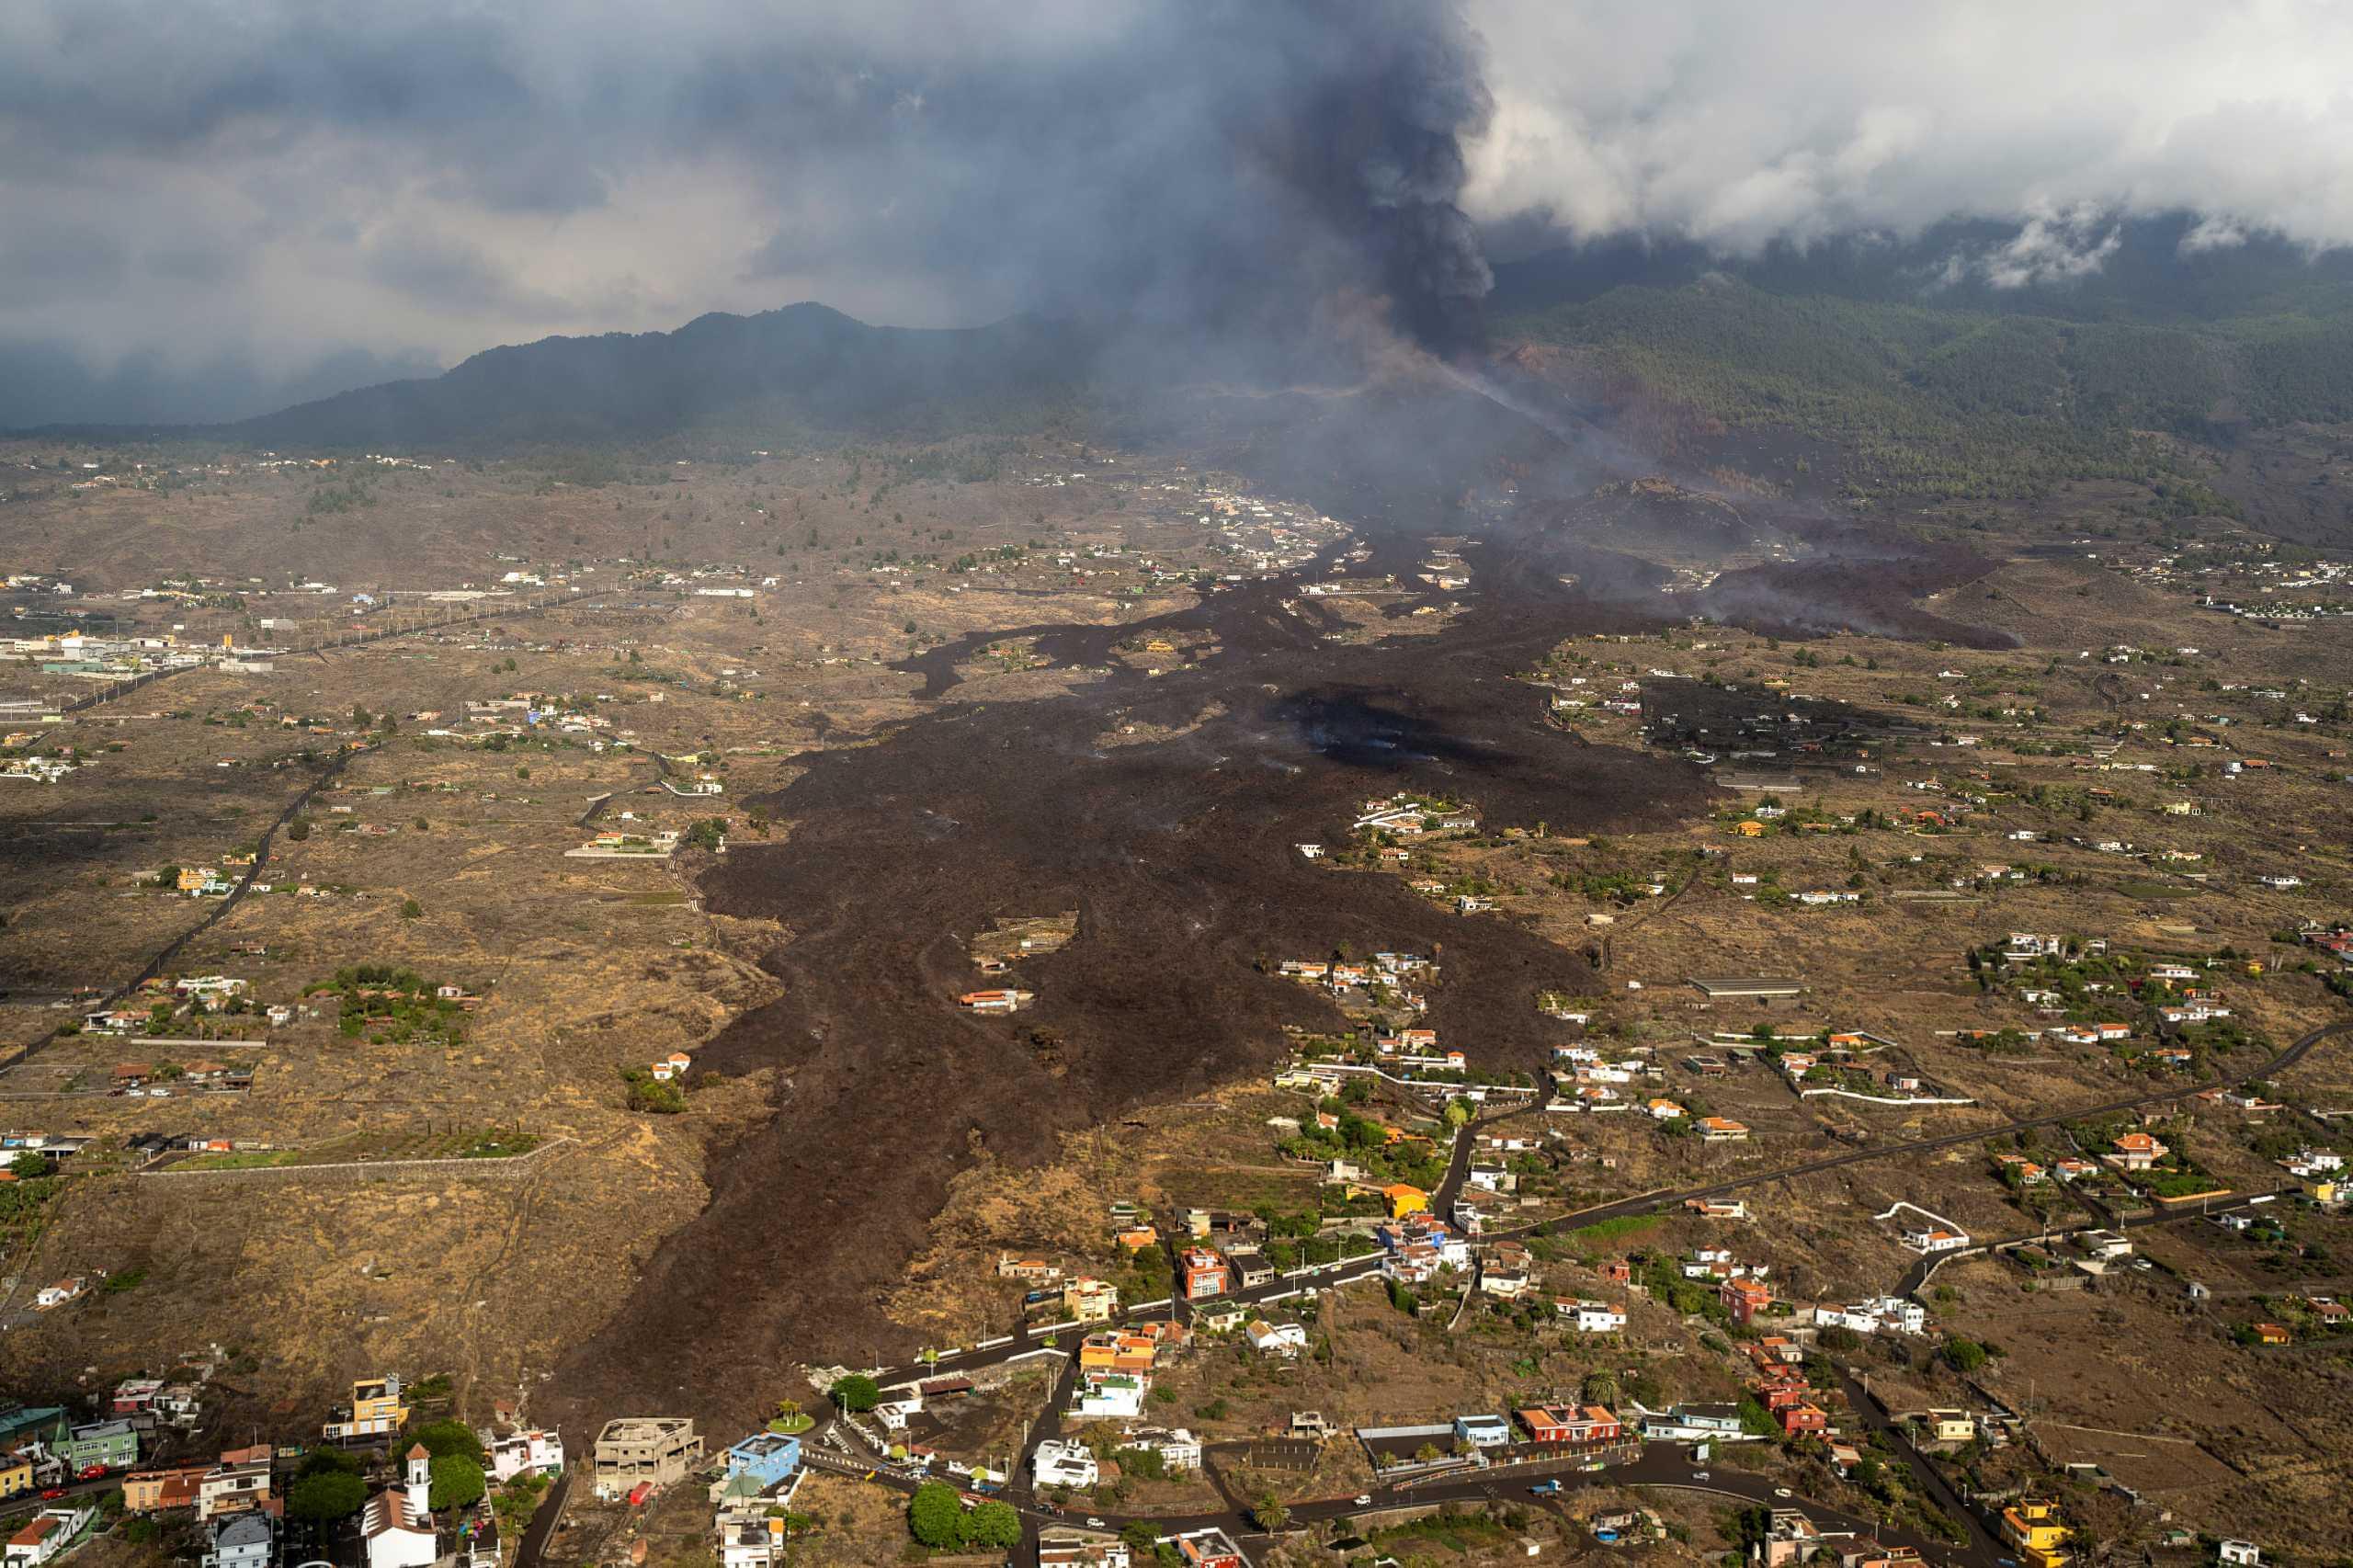 Ισπανία - Έκρηξη ηφαιστείου: Νέες εκκενώσεις και ακυρώσεις πτήσεων στη Λα Πάλμα